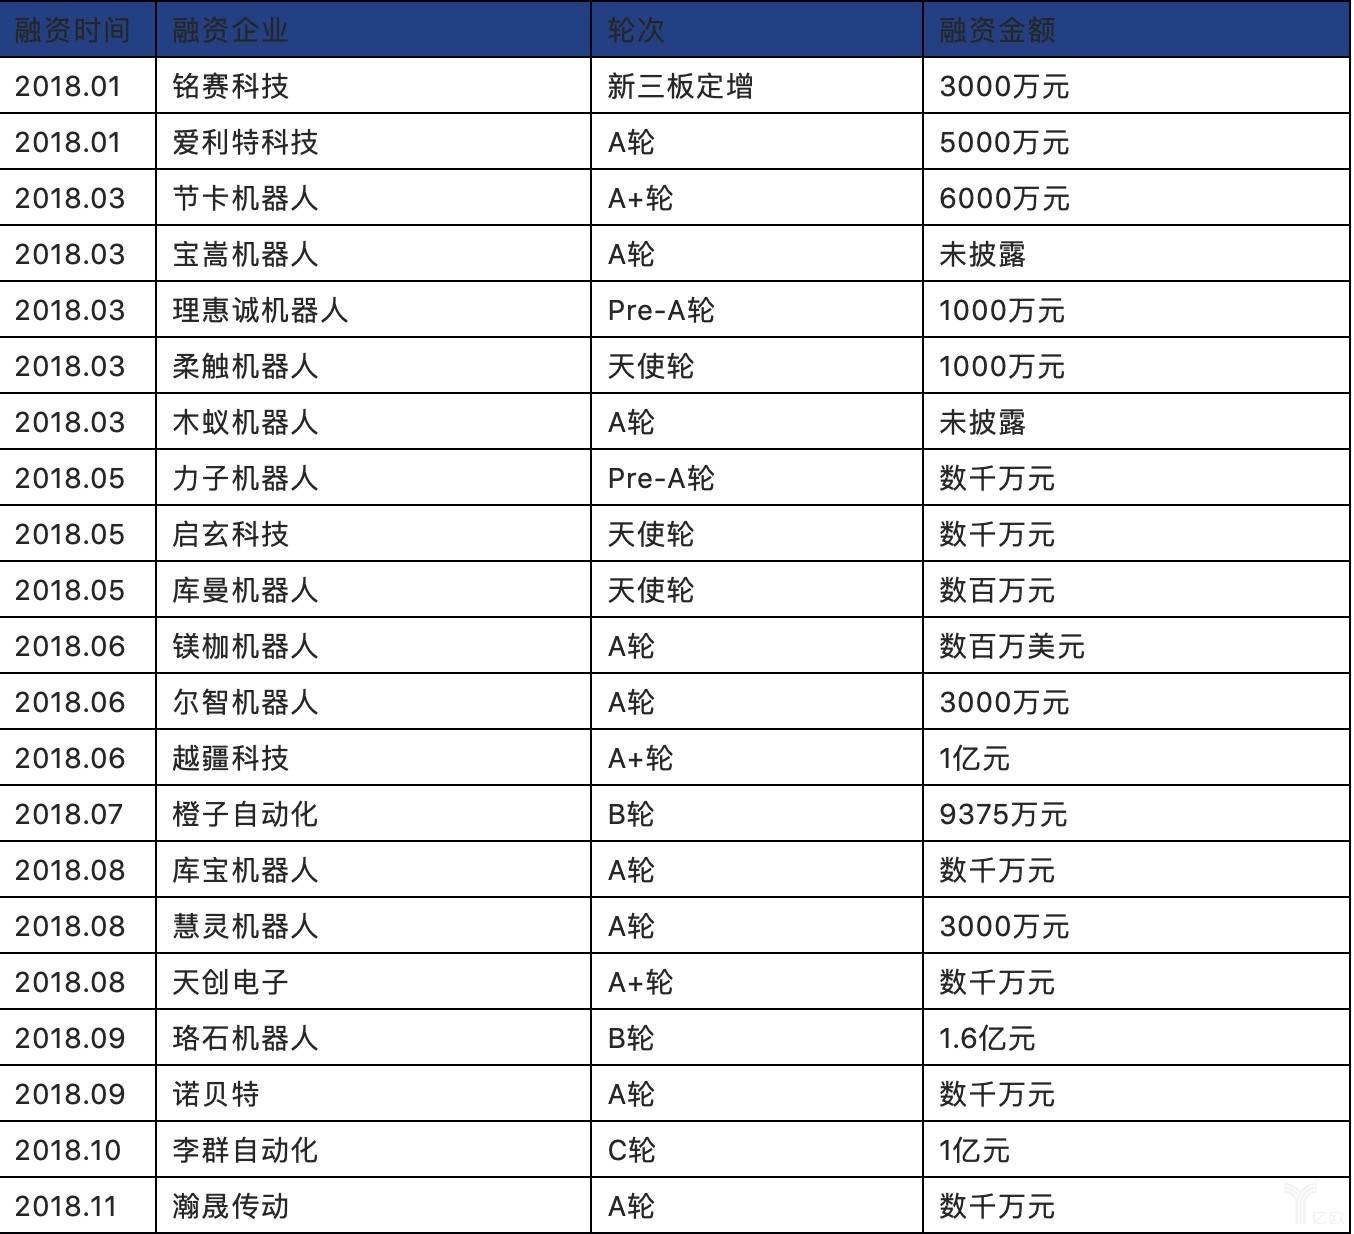 2018年中国工业机器人企业融资事件梳理.jpeg